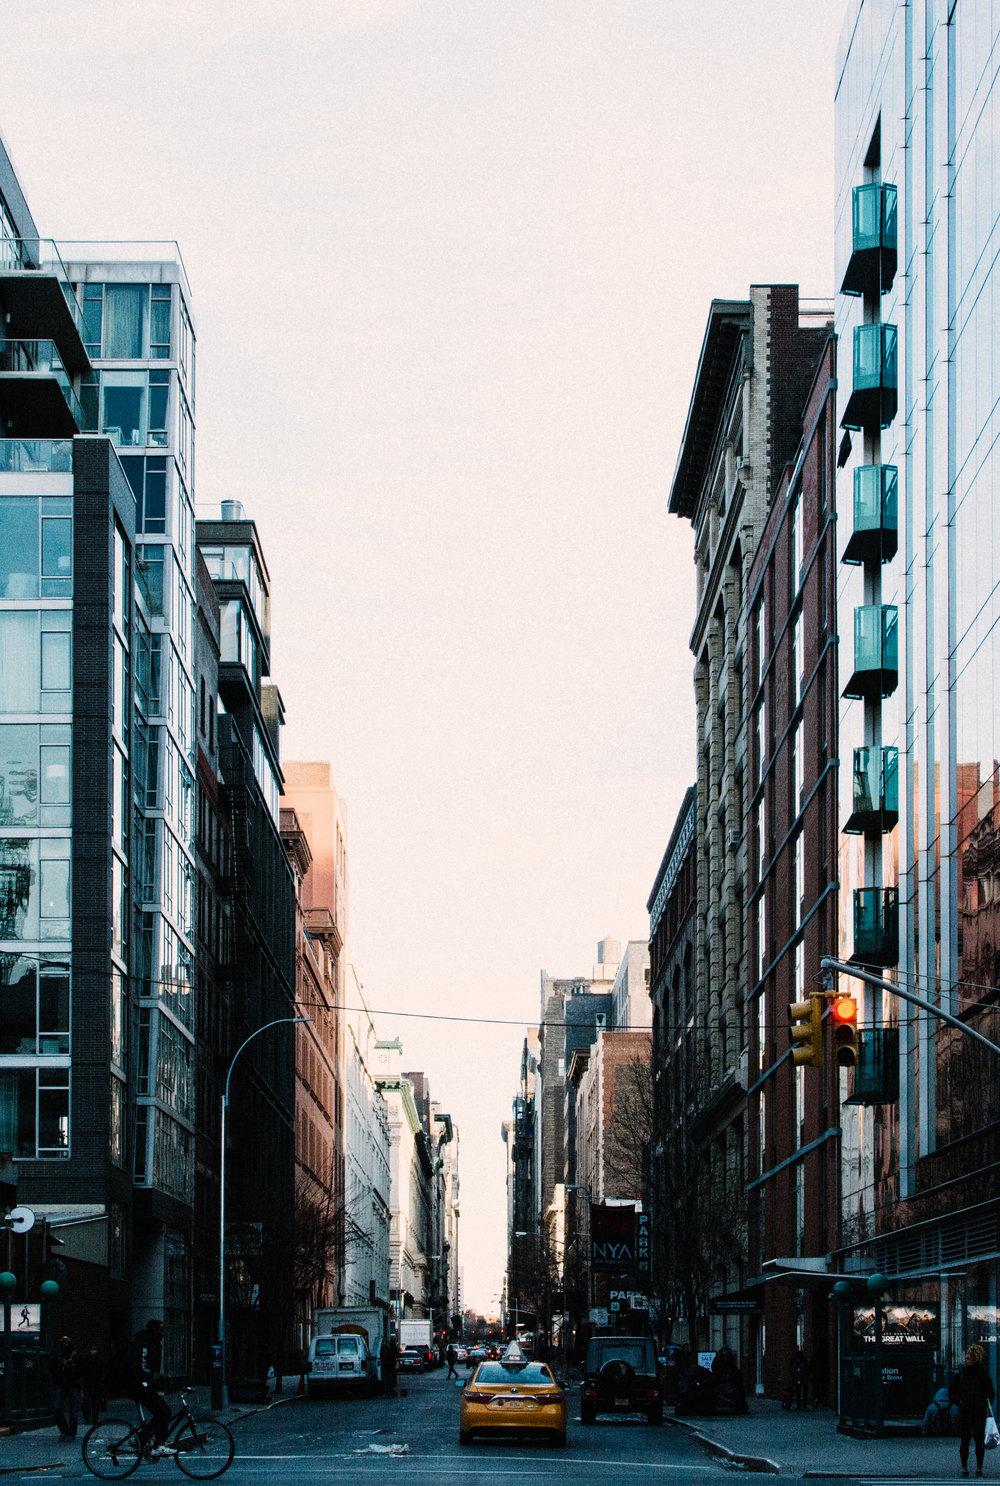 cityshit-1.jpg